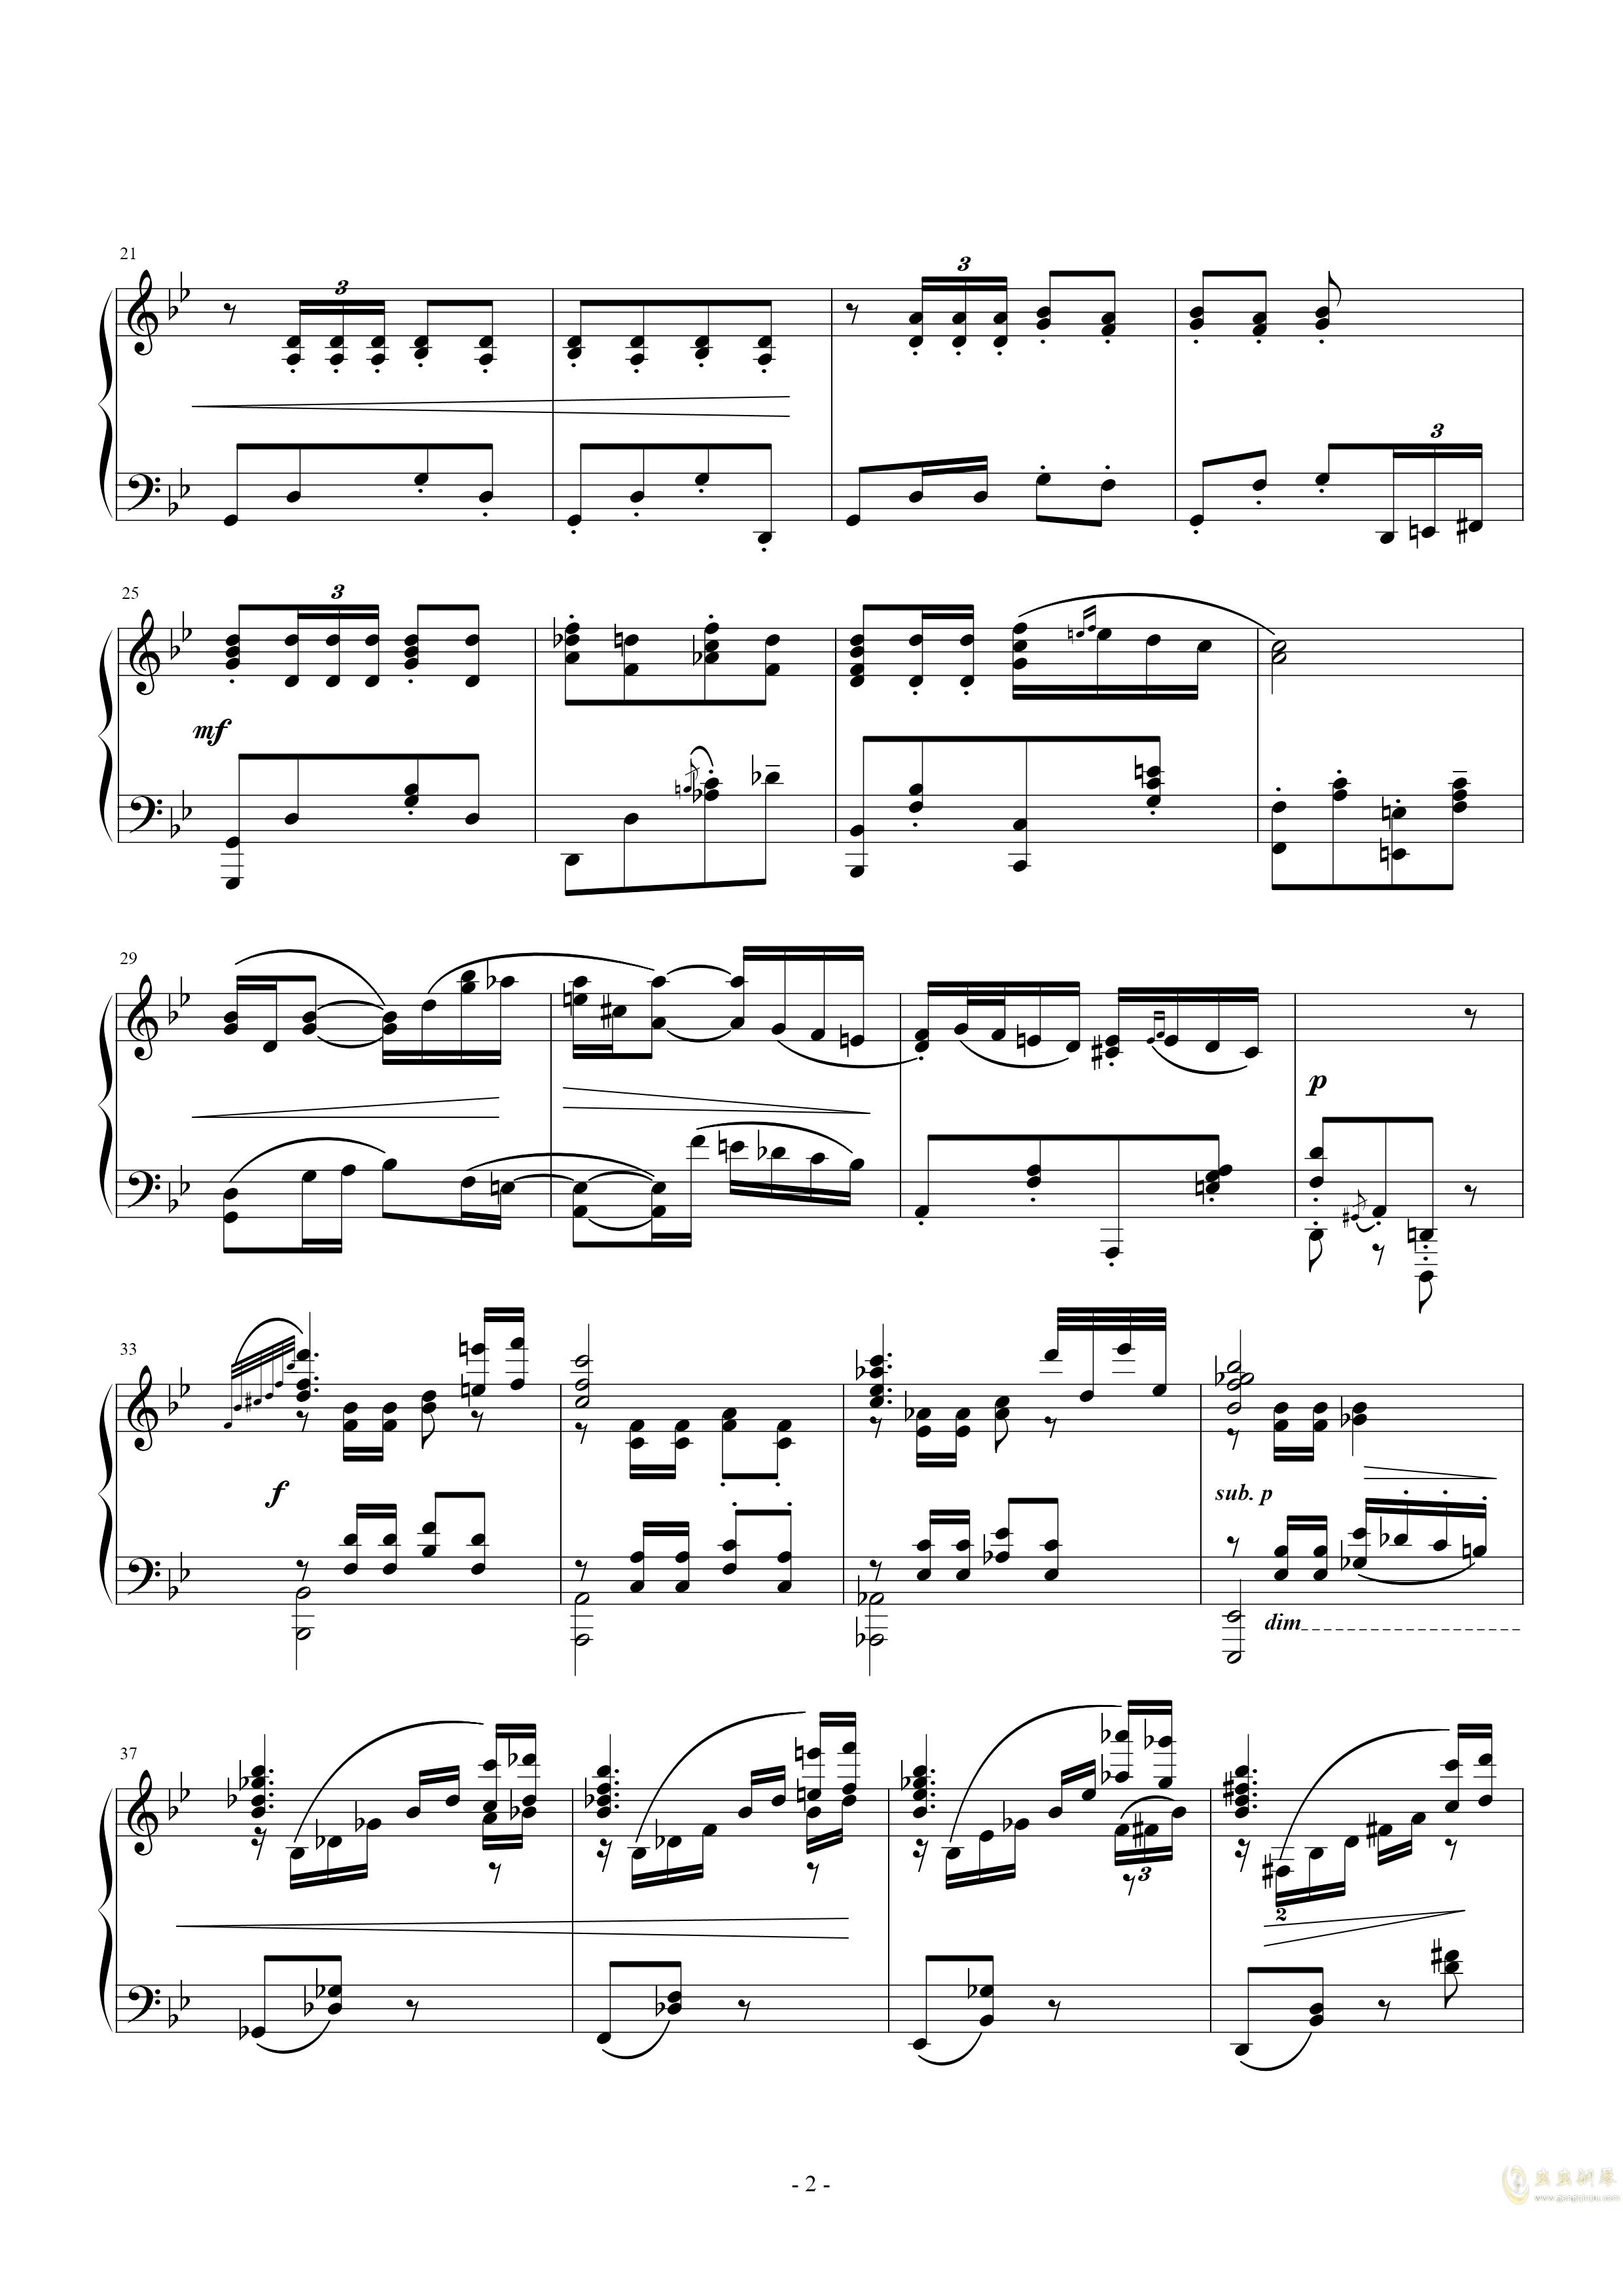 g小调钢琴舞曲, Op.12, No.5钢琴谱 第2页